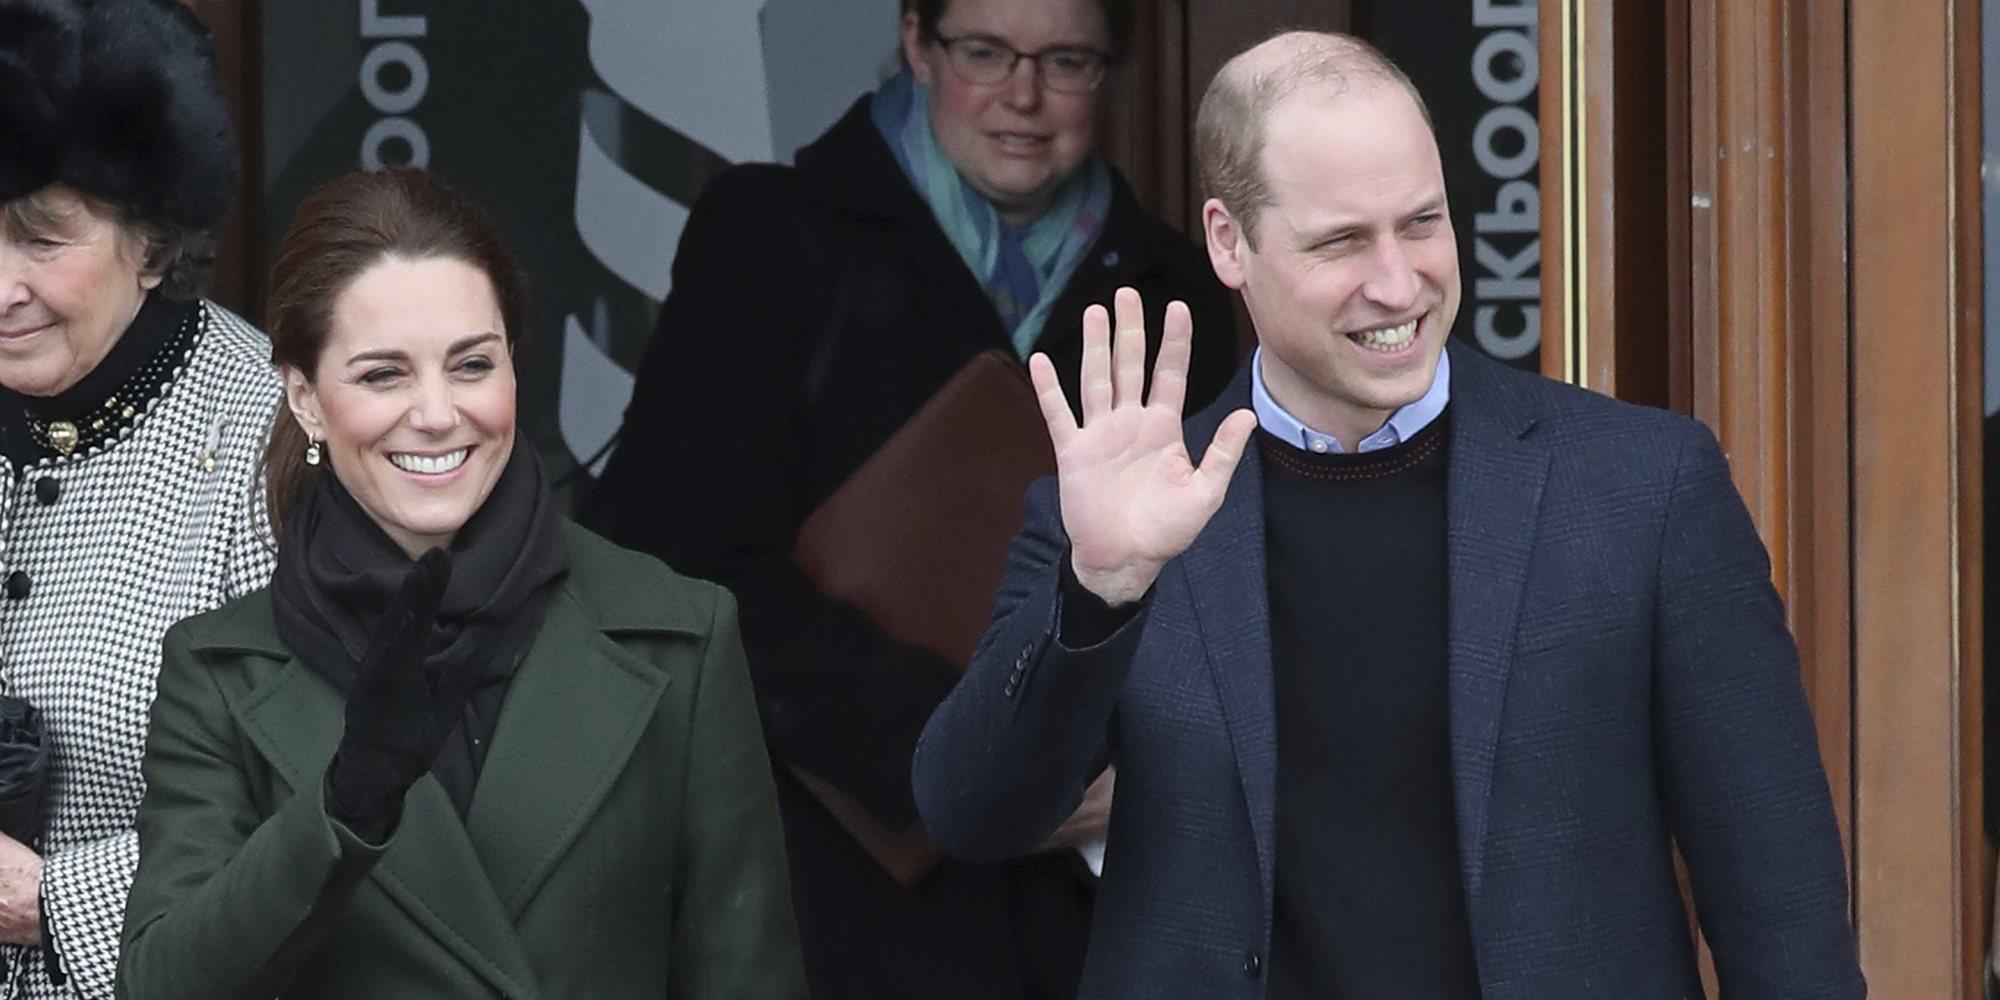 El Príncipe Guillermo revela que por fin ha aprendido a peinar a su hija Carlota